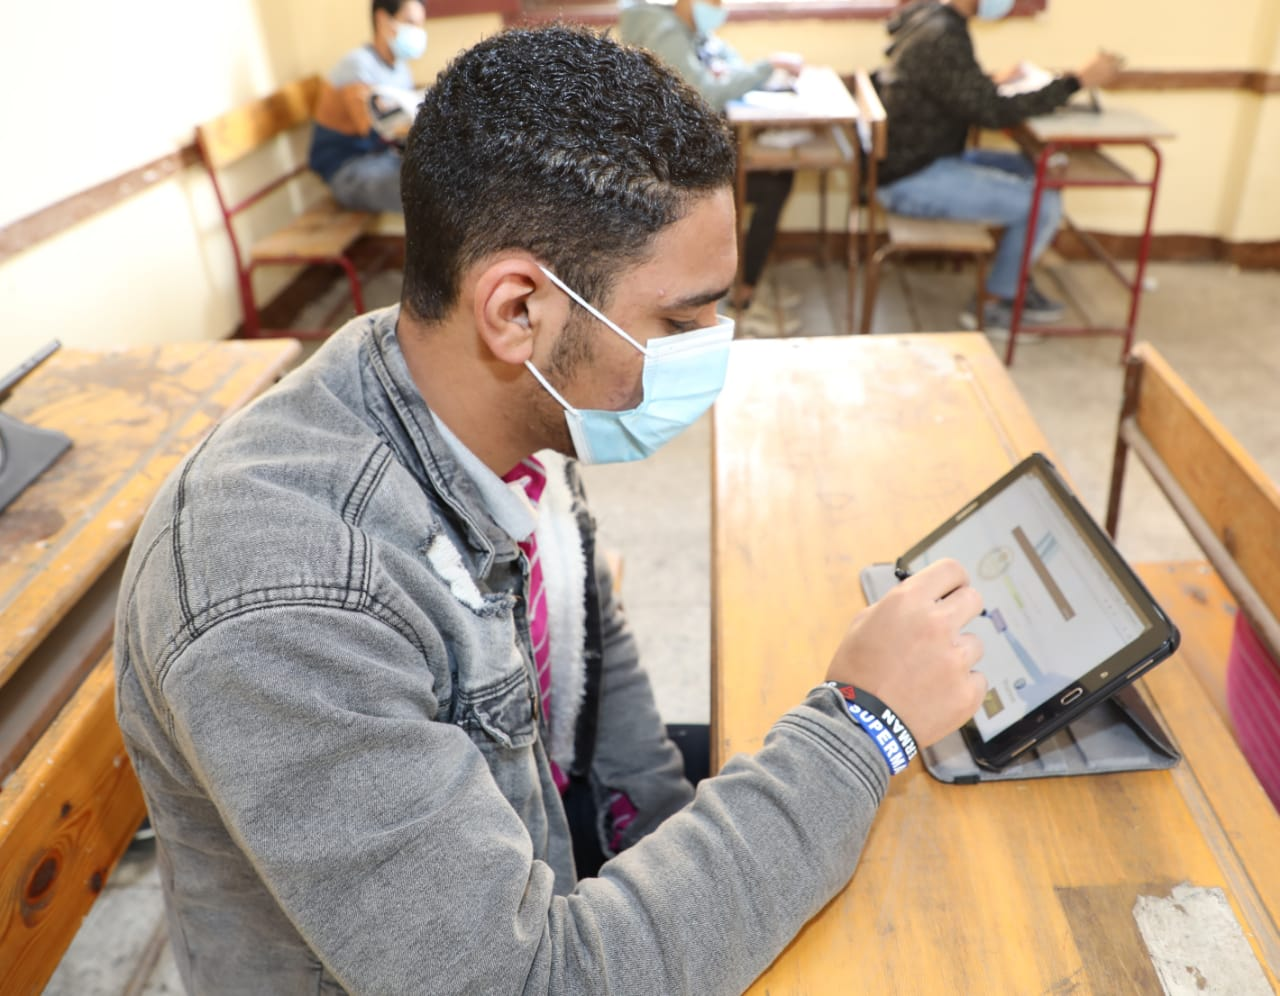 خطة استئناف الدراسة بمدارس المنوفية خلال الفصل الدراسي الثاني